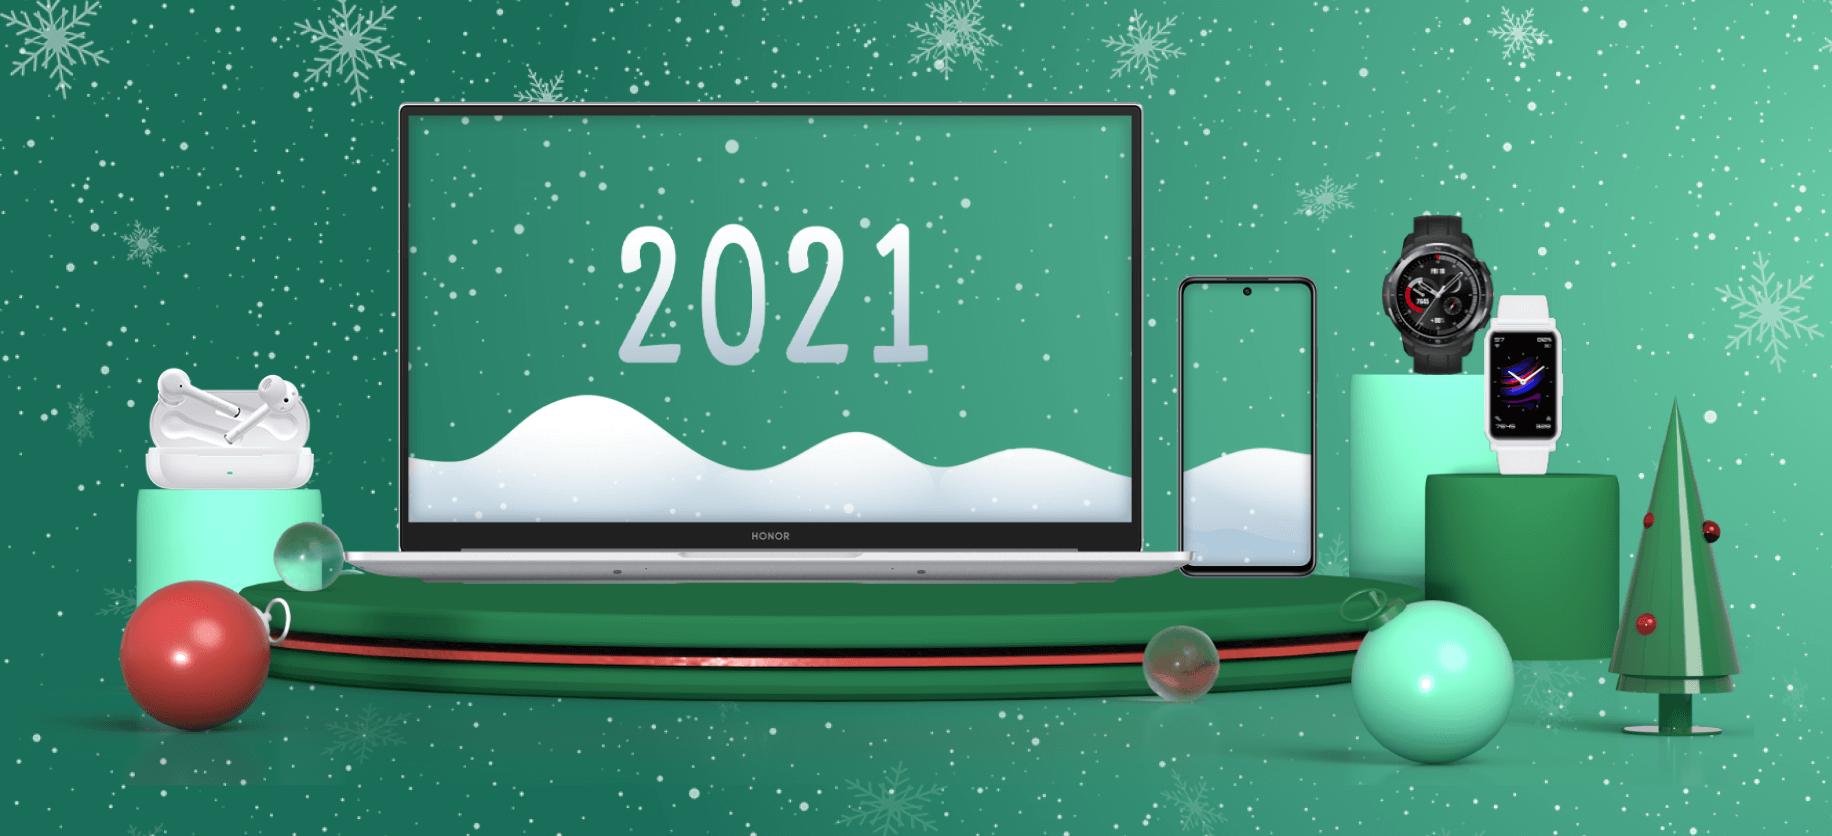 'М.Видео' распродает смартфоны, ноутбуки, 'умные' часы Honor со скидками до 16 тысяч рублей